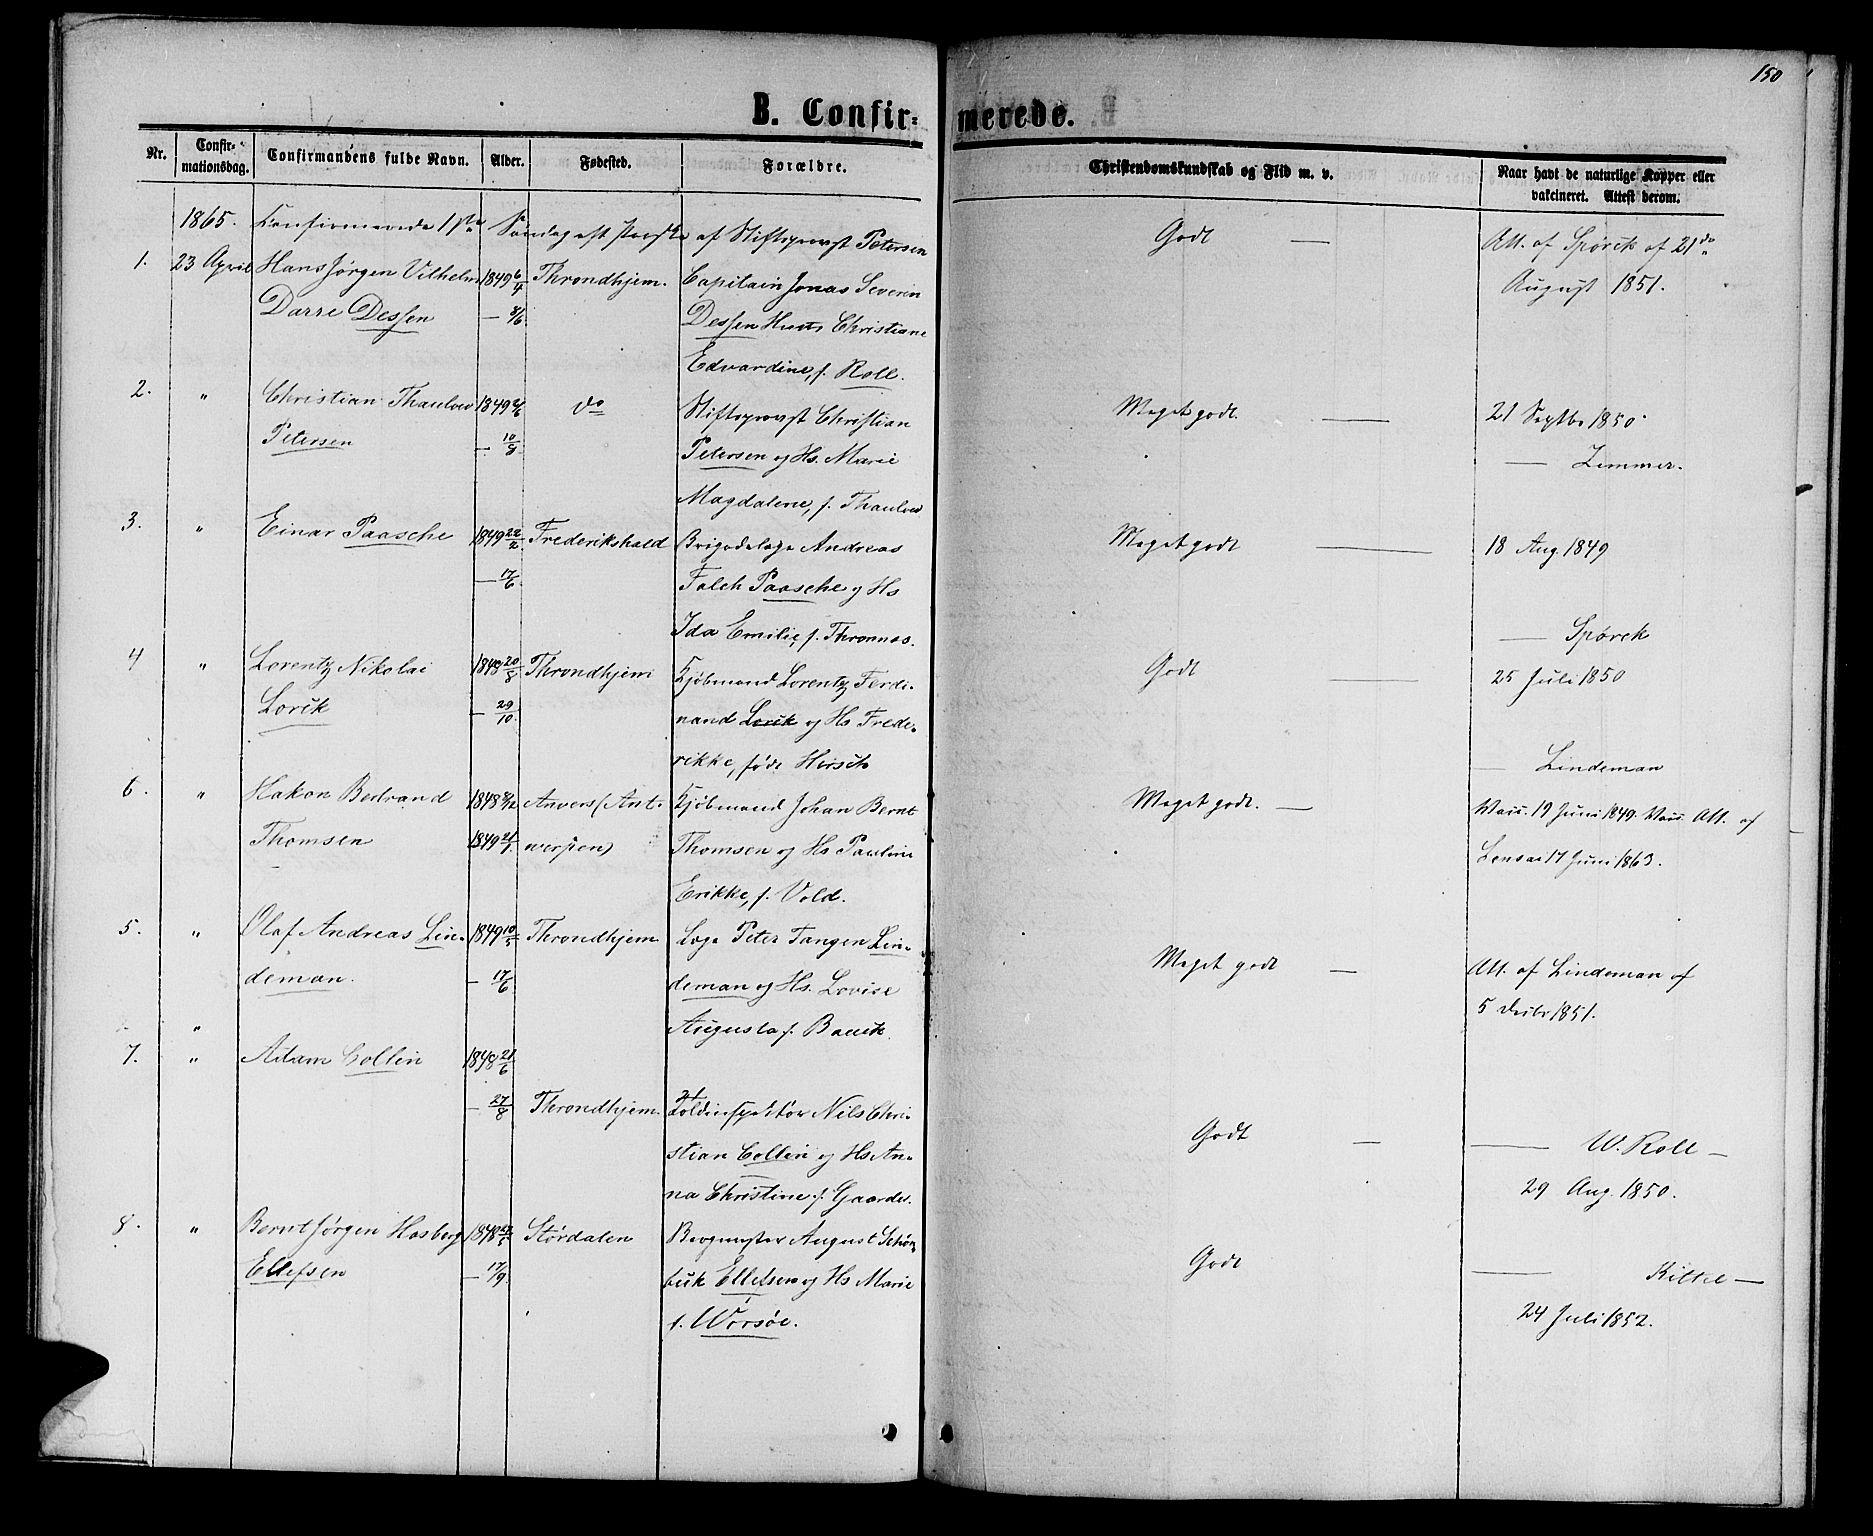 SAT, Ministerialprotokoller, klokkerbøker og fødselsregistre - Sør-Trøndelag, 601/L0087: Klokkerbok nr. 601C05, 1864-1881, s. 150